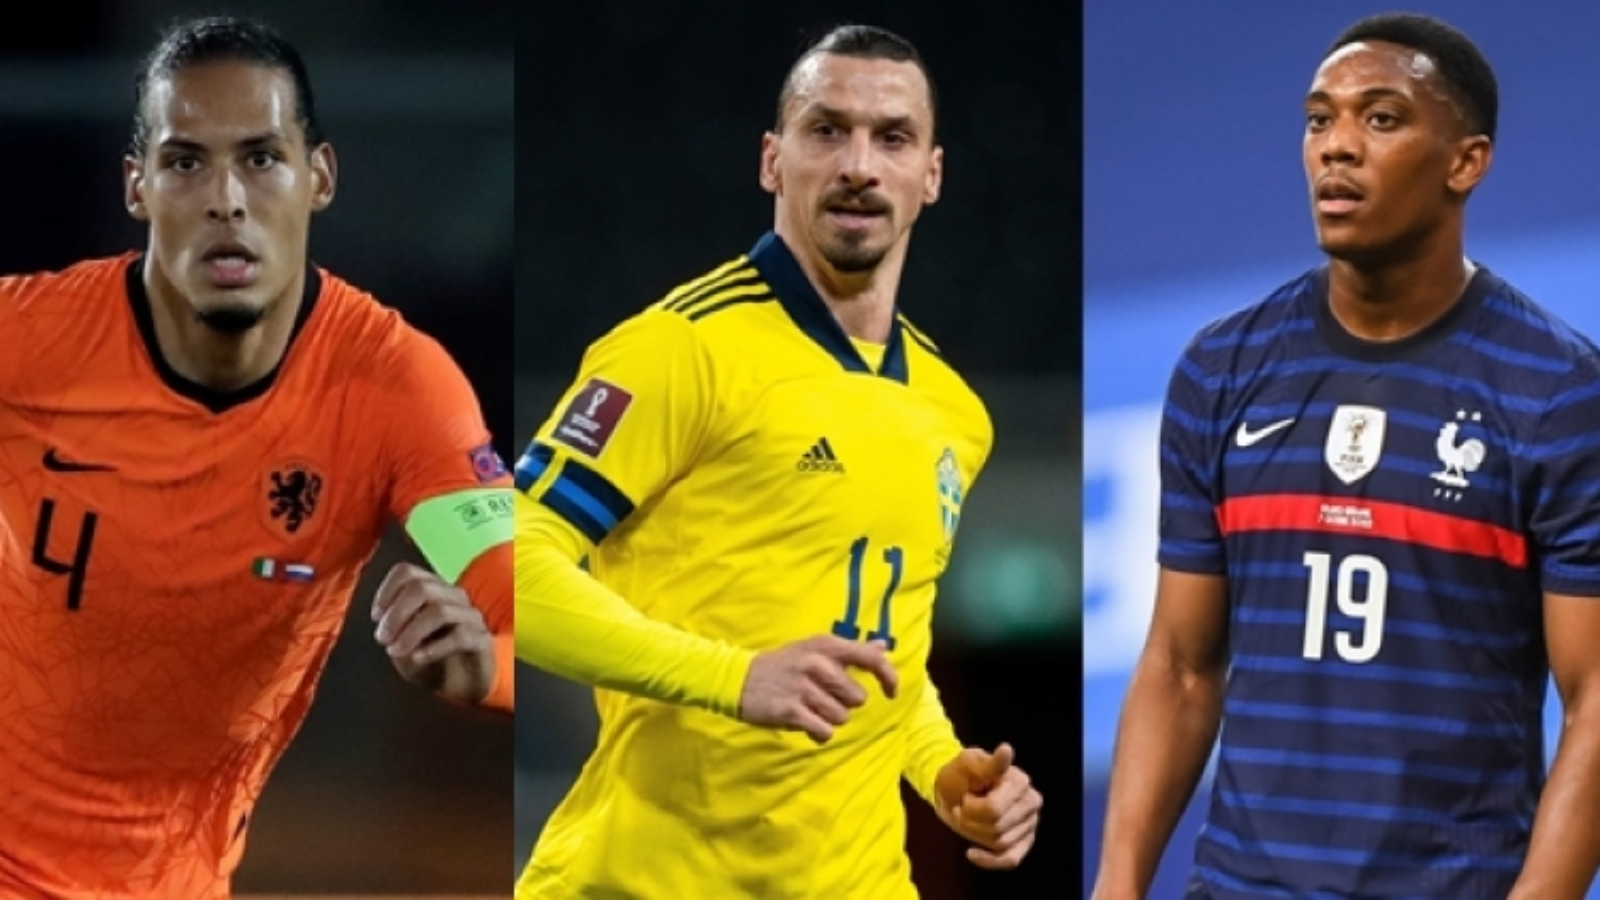 Đội hình những ngôi sao lỗi hẹn với VCK EURO 2020